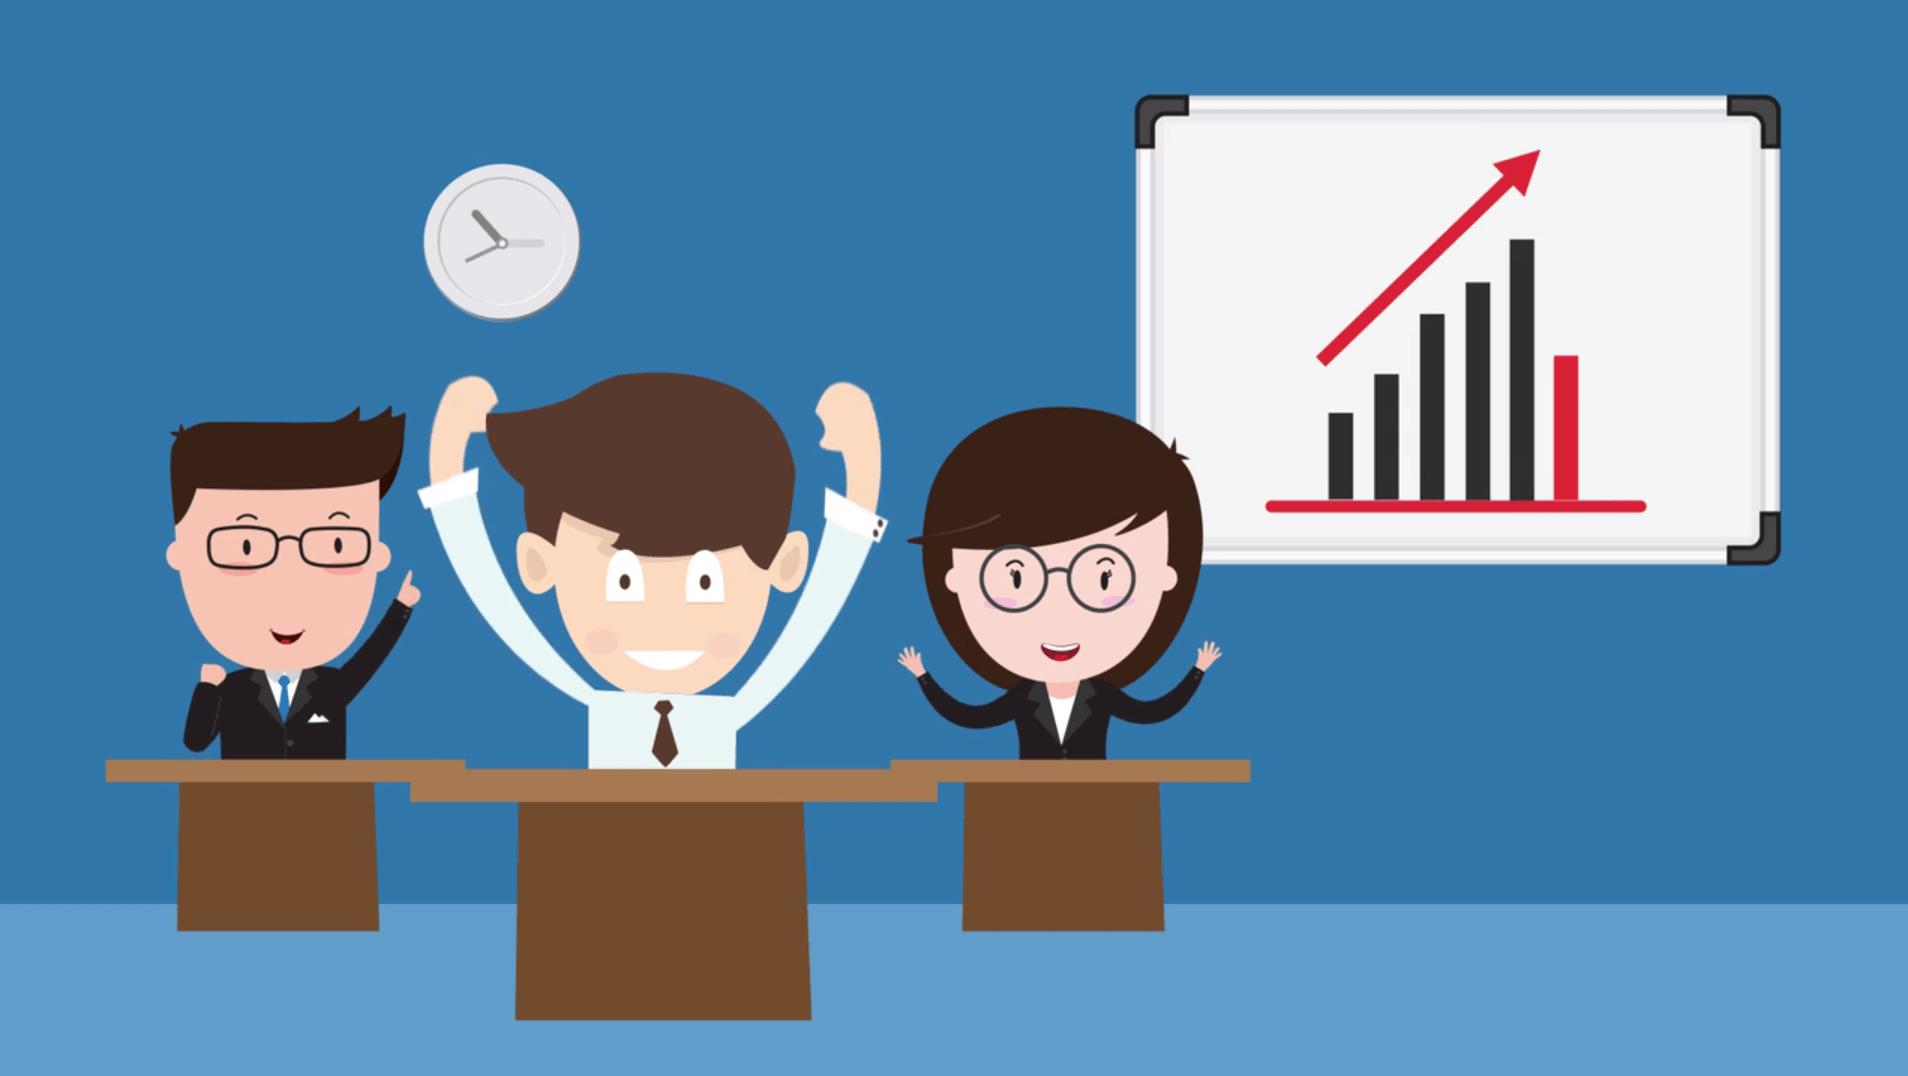 Hindari 4 Hal Ini Agar Produktivitas Kerja Anda Meningkat